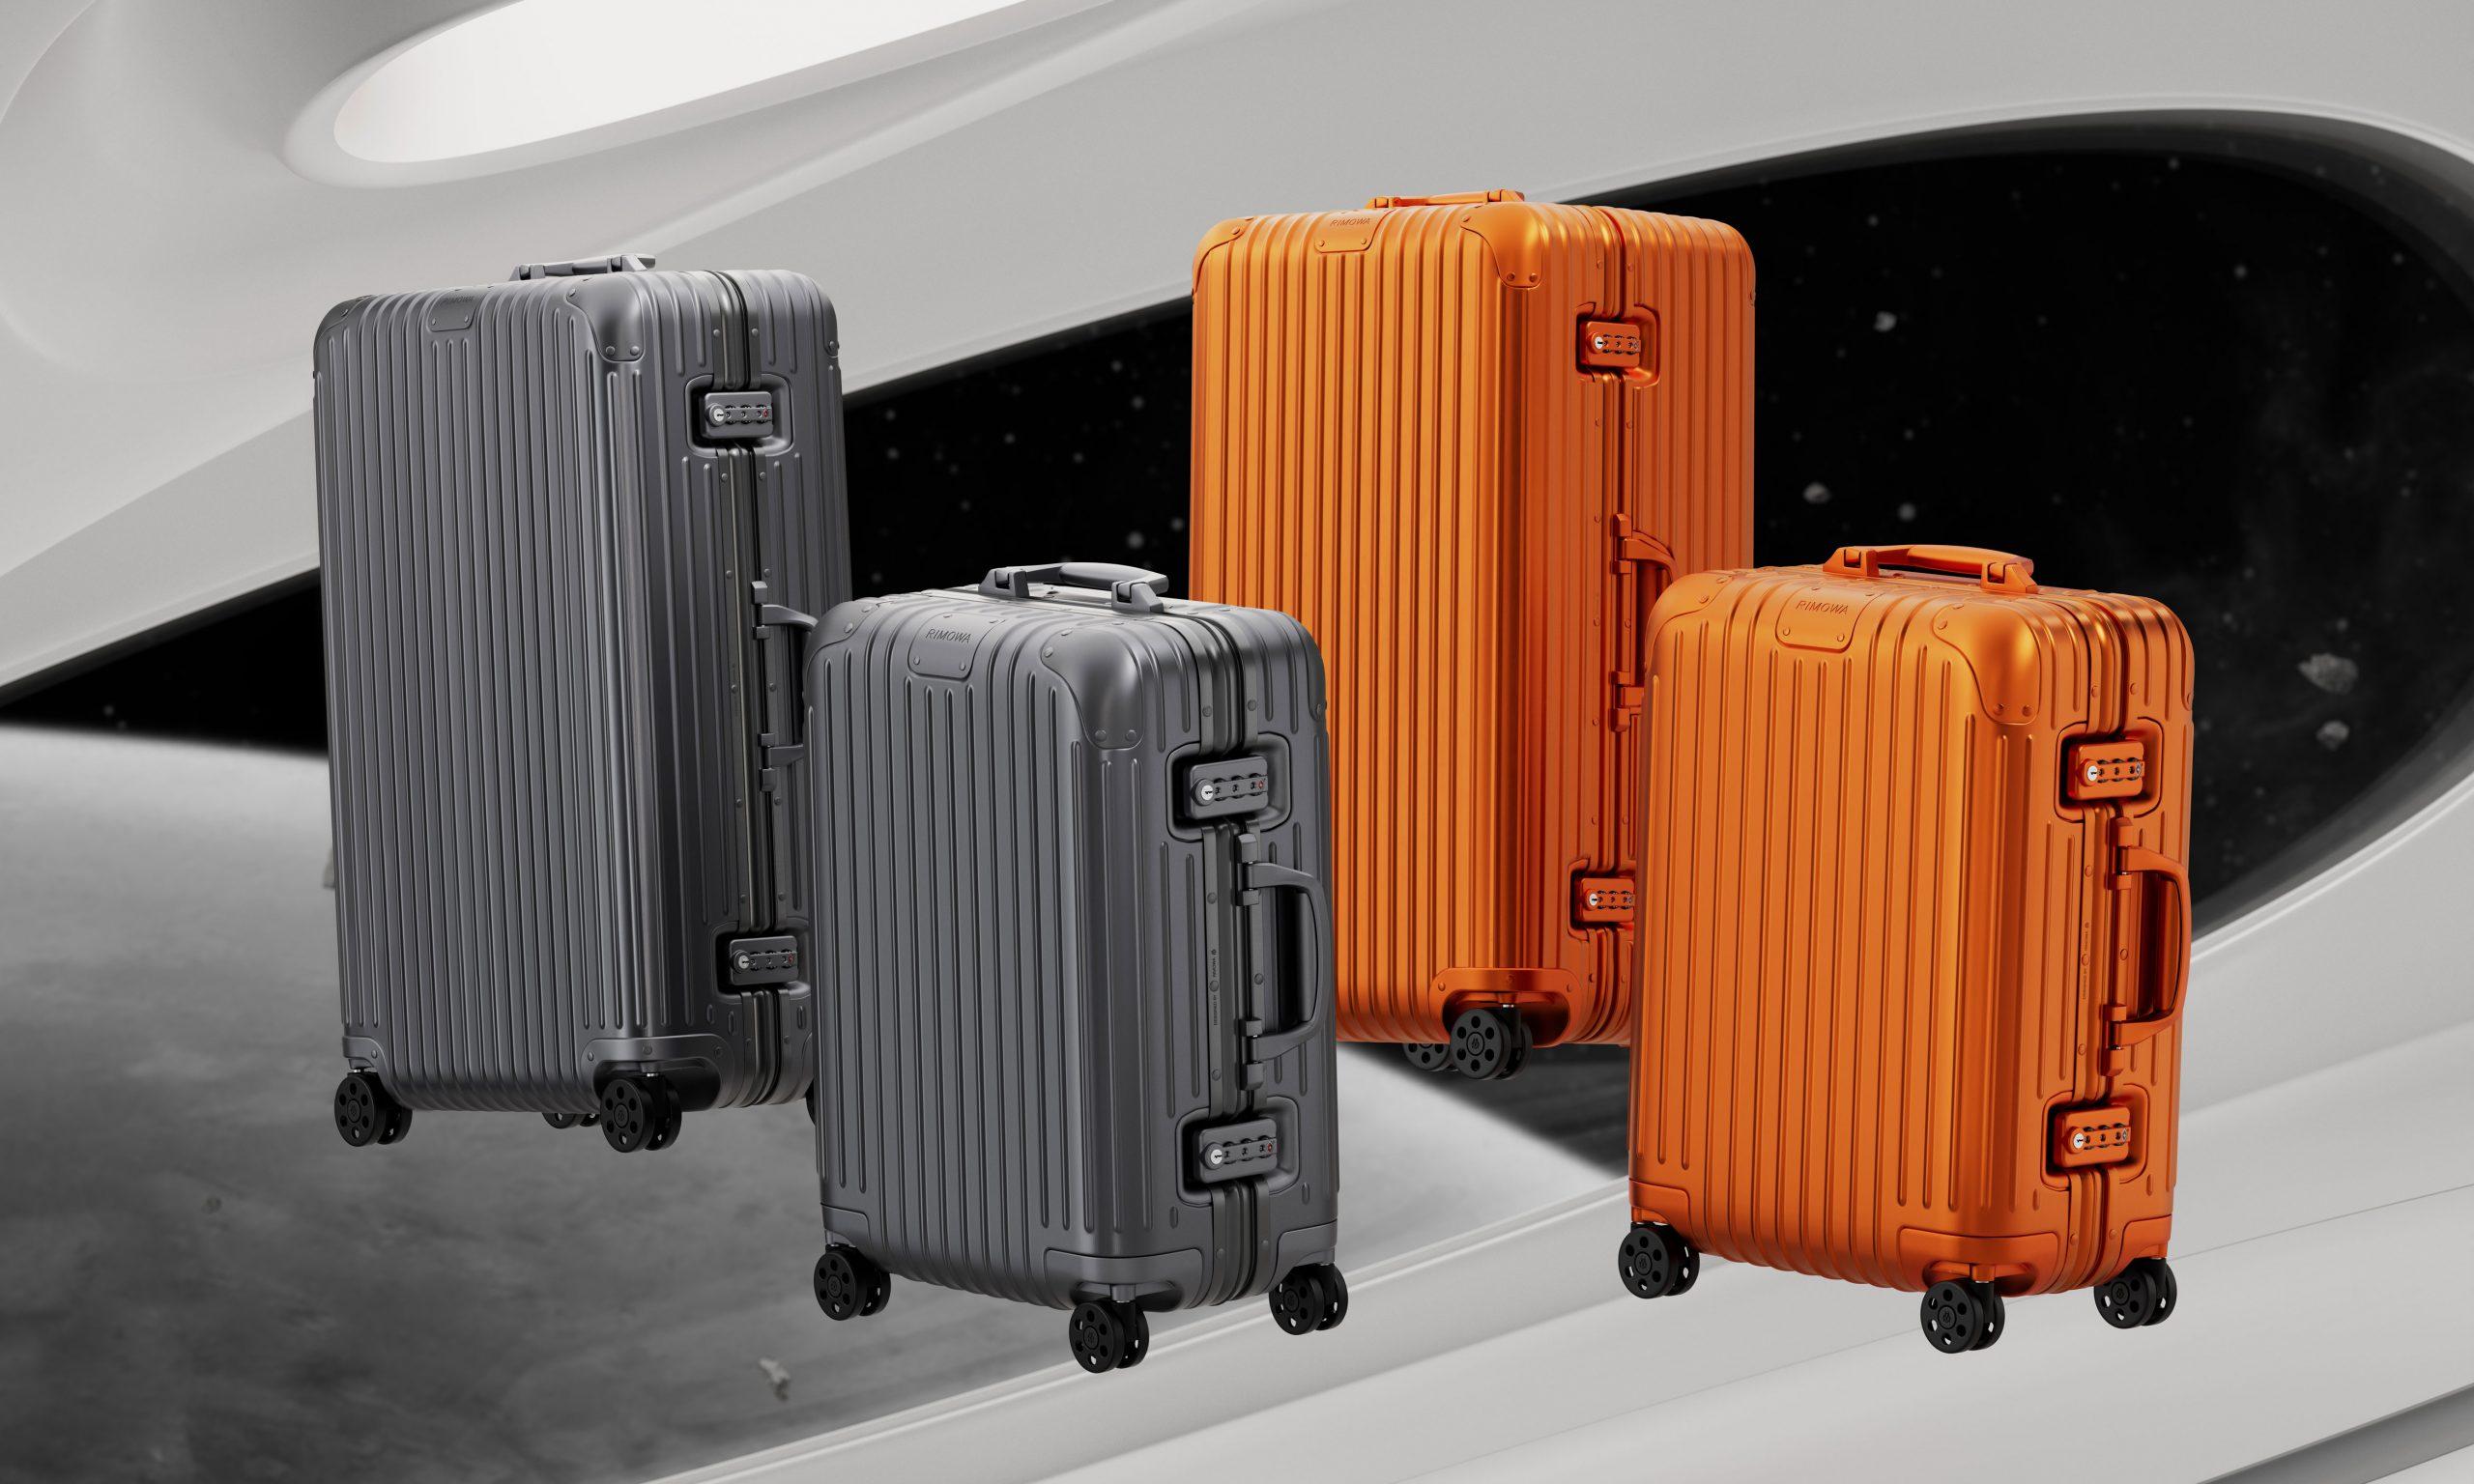 RIMOWA 标志性铝镁合金 Original 系列推出全新配色